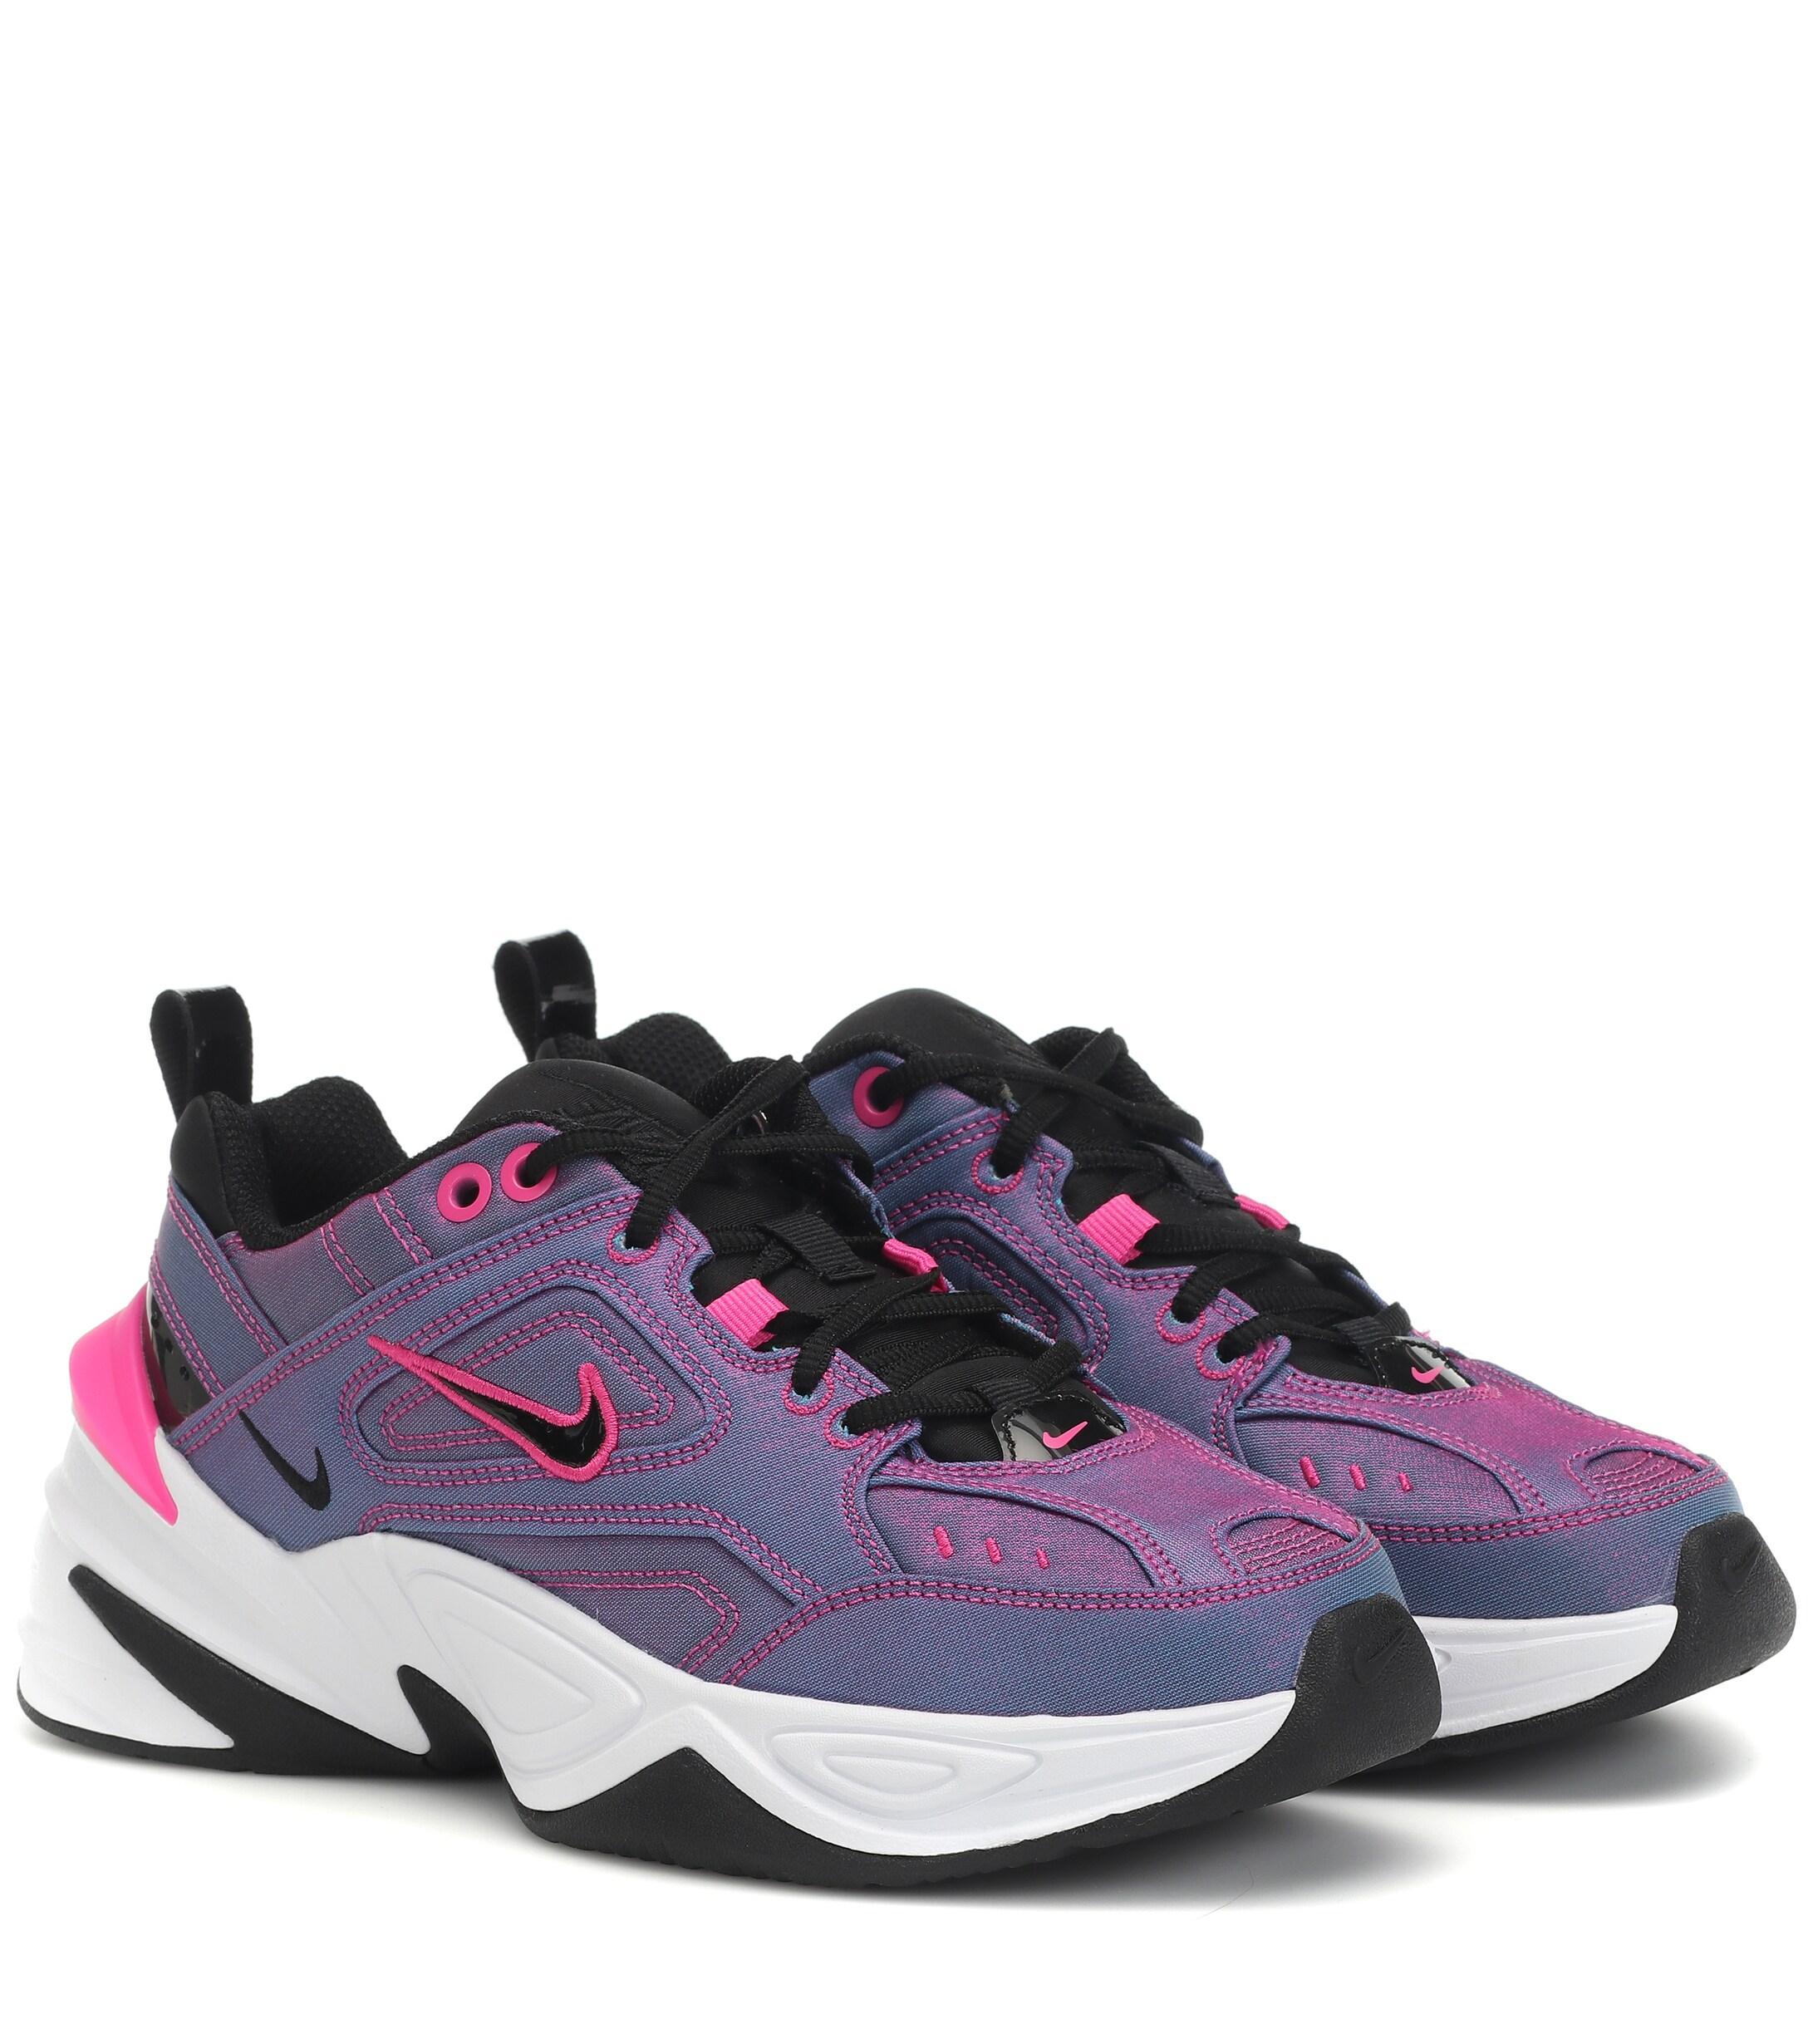 Nike Rubber M2k Tekno Se Shoe in Purple